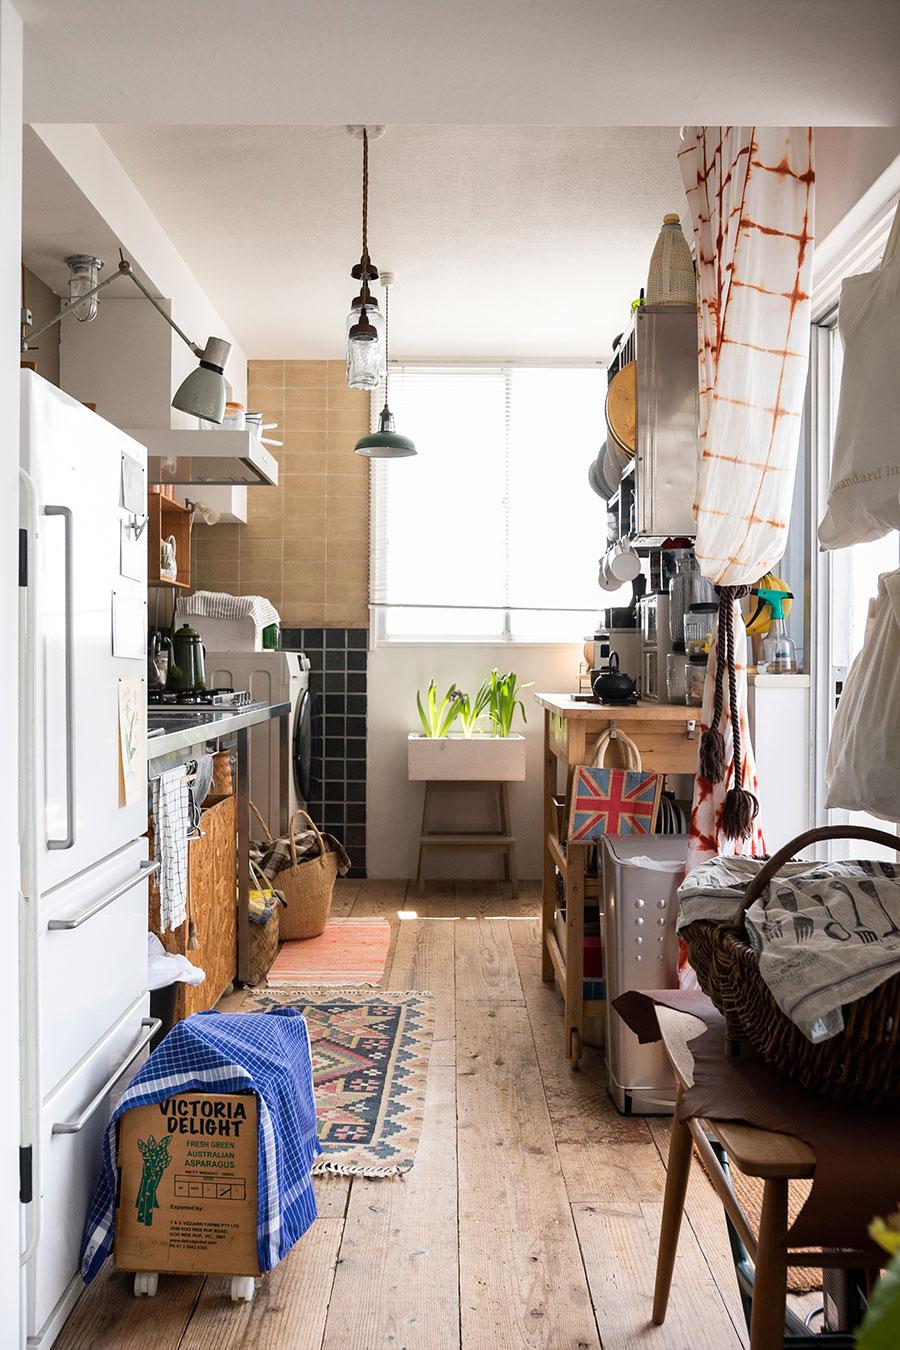 フレームのキッチン台やオープンな収納など、無造作な雰囲気にセンスが溢れるキッチン。リノベ前からあったベージュのタイルは、工事中に足を運んだからこそ残せたもの。